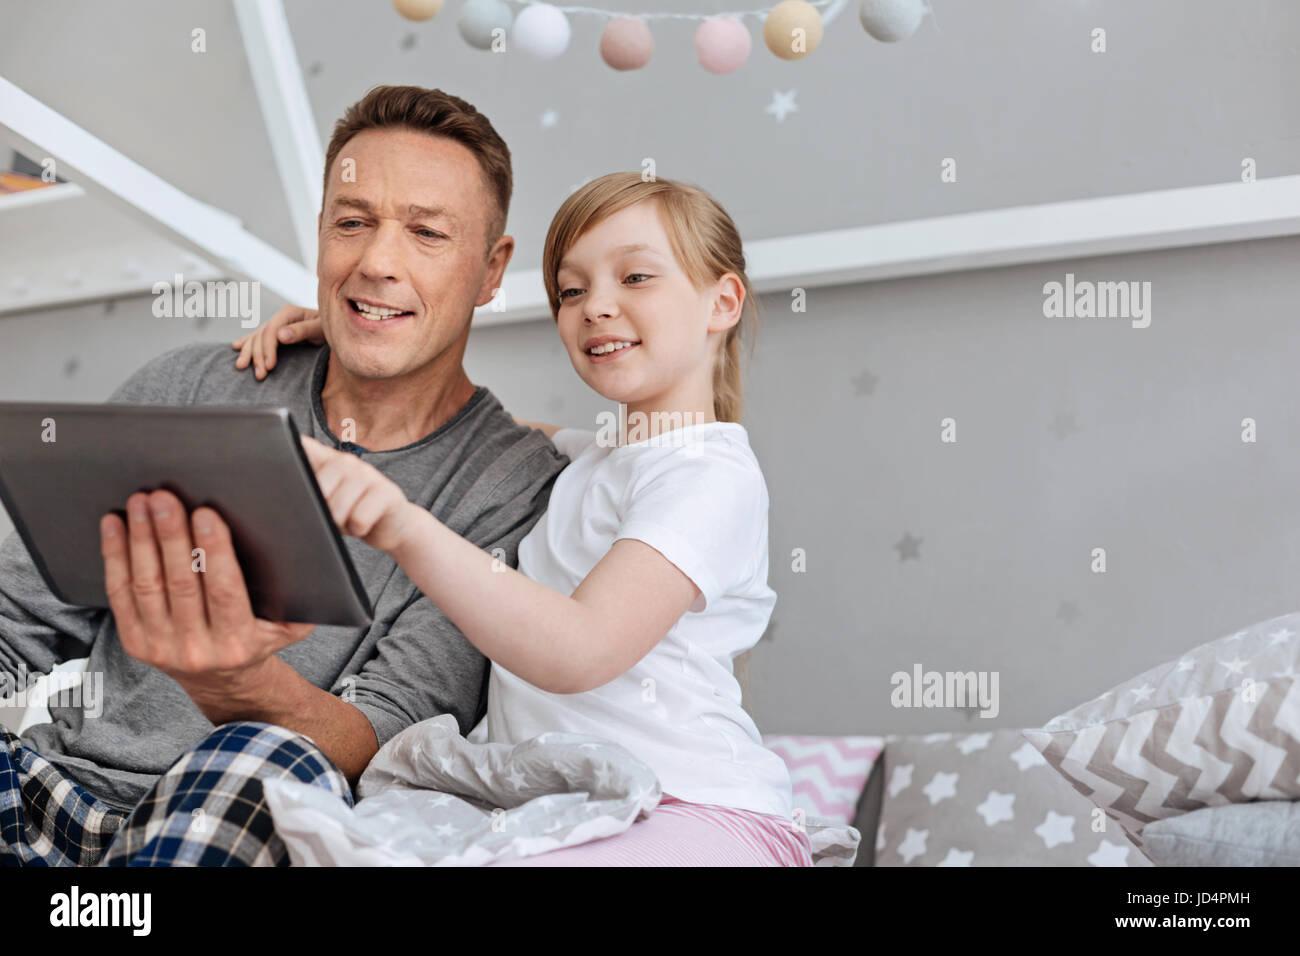 Niedliche engagierten Familie, die gerade etwas auf tablet Stockbild